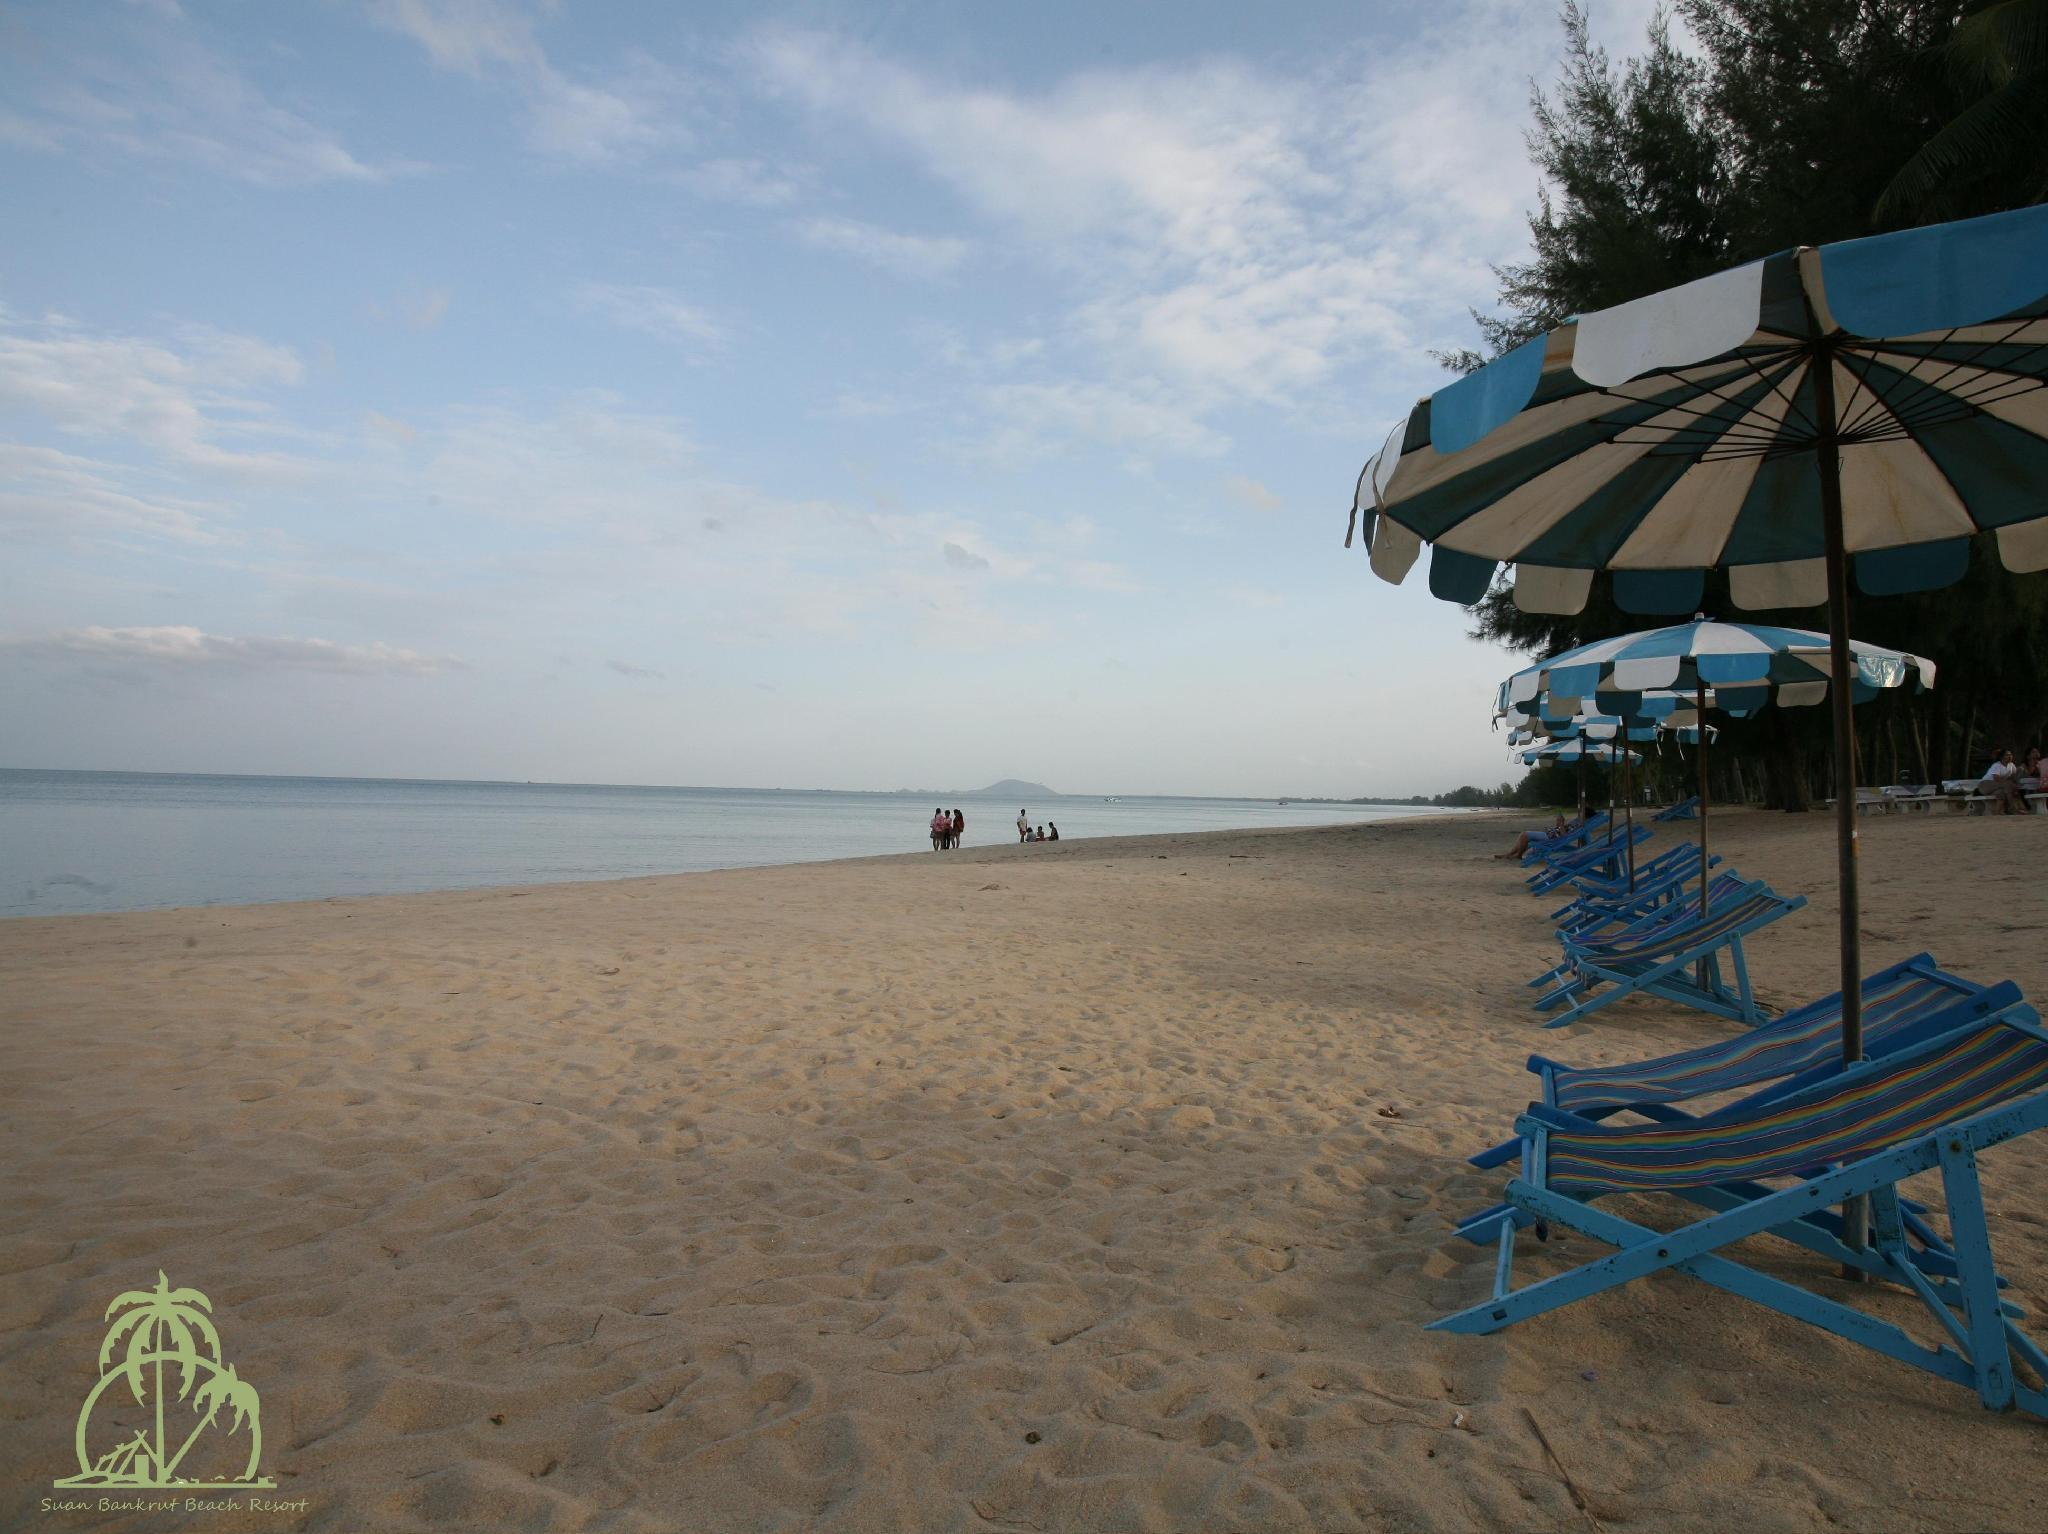 苏安班克鲁季海滩度假村,สวนบ้านกรูด บีช รีสอร์ท